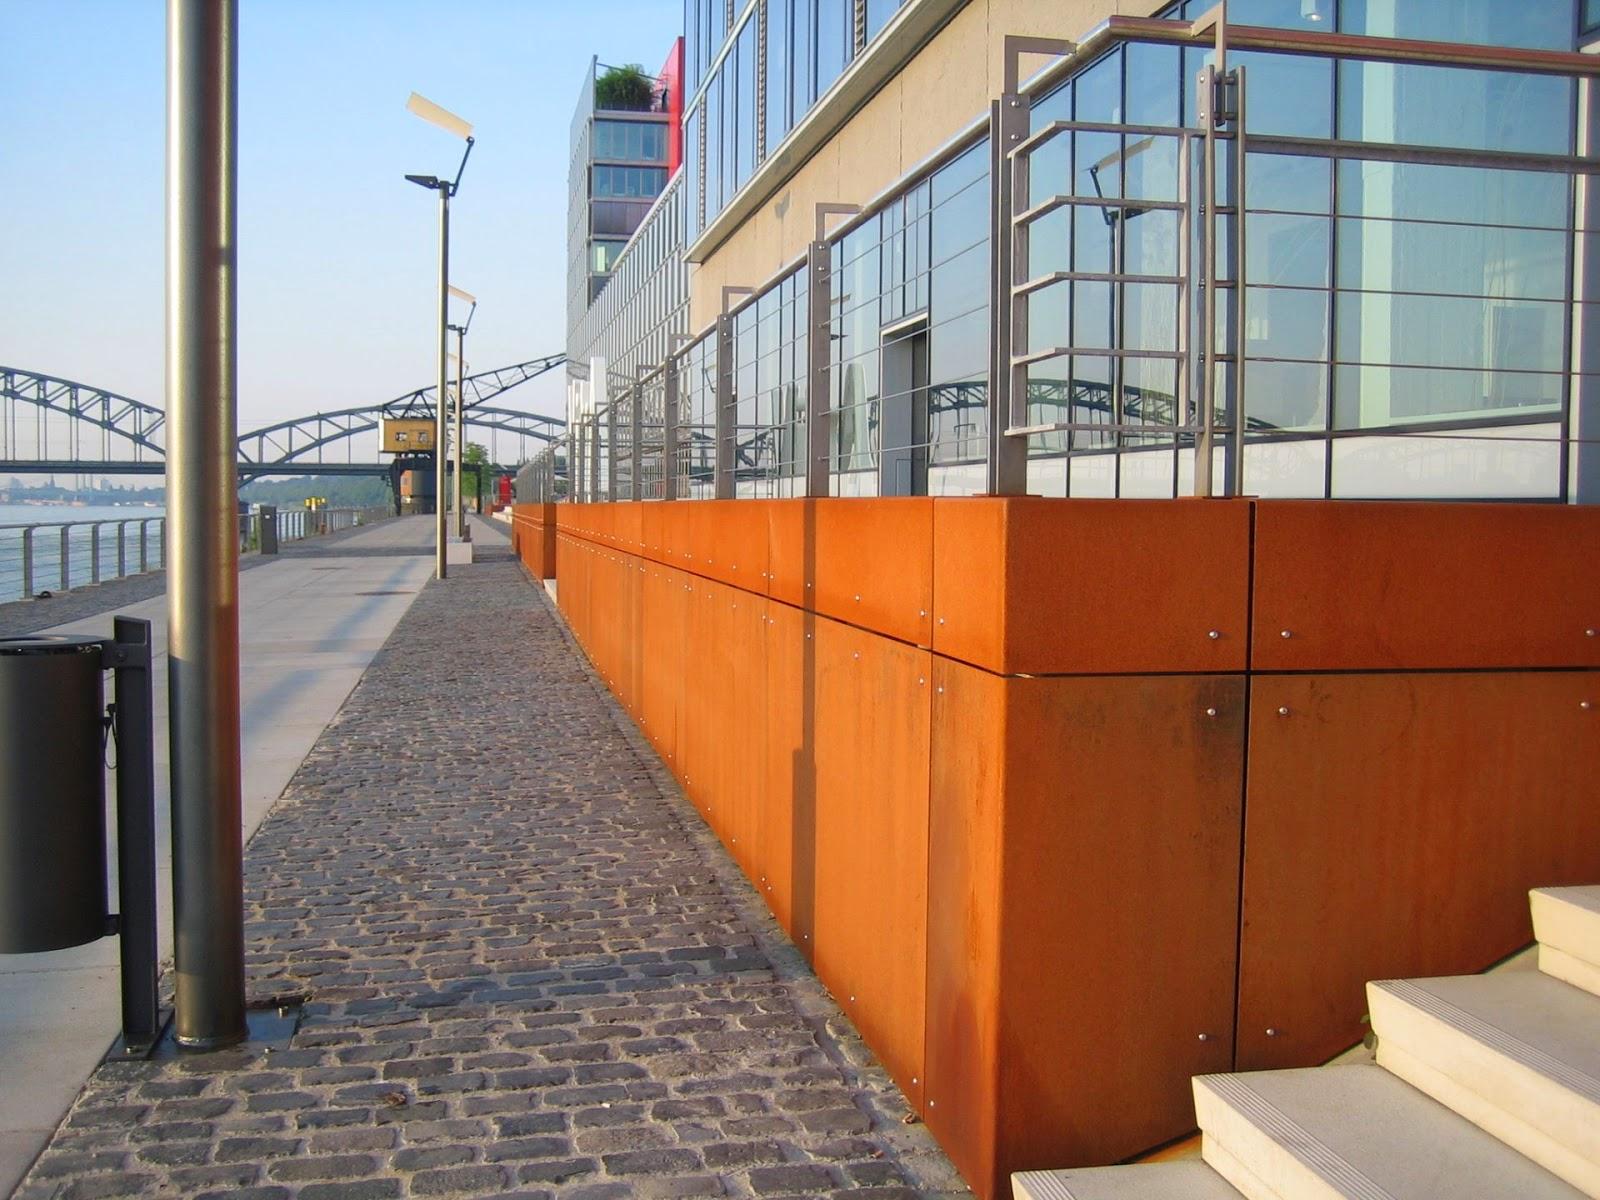 Rheinauhafen Koln Offiziell Fertig Gestellt Eroffnung Frobel